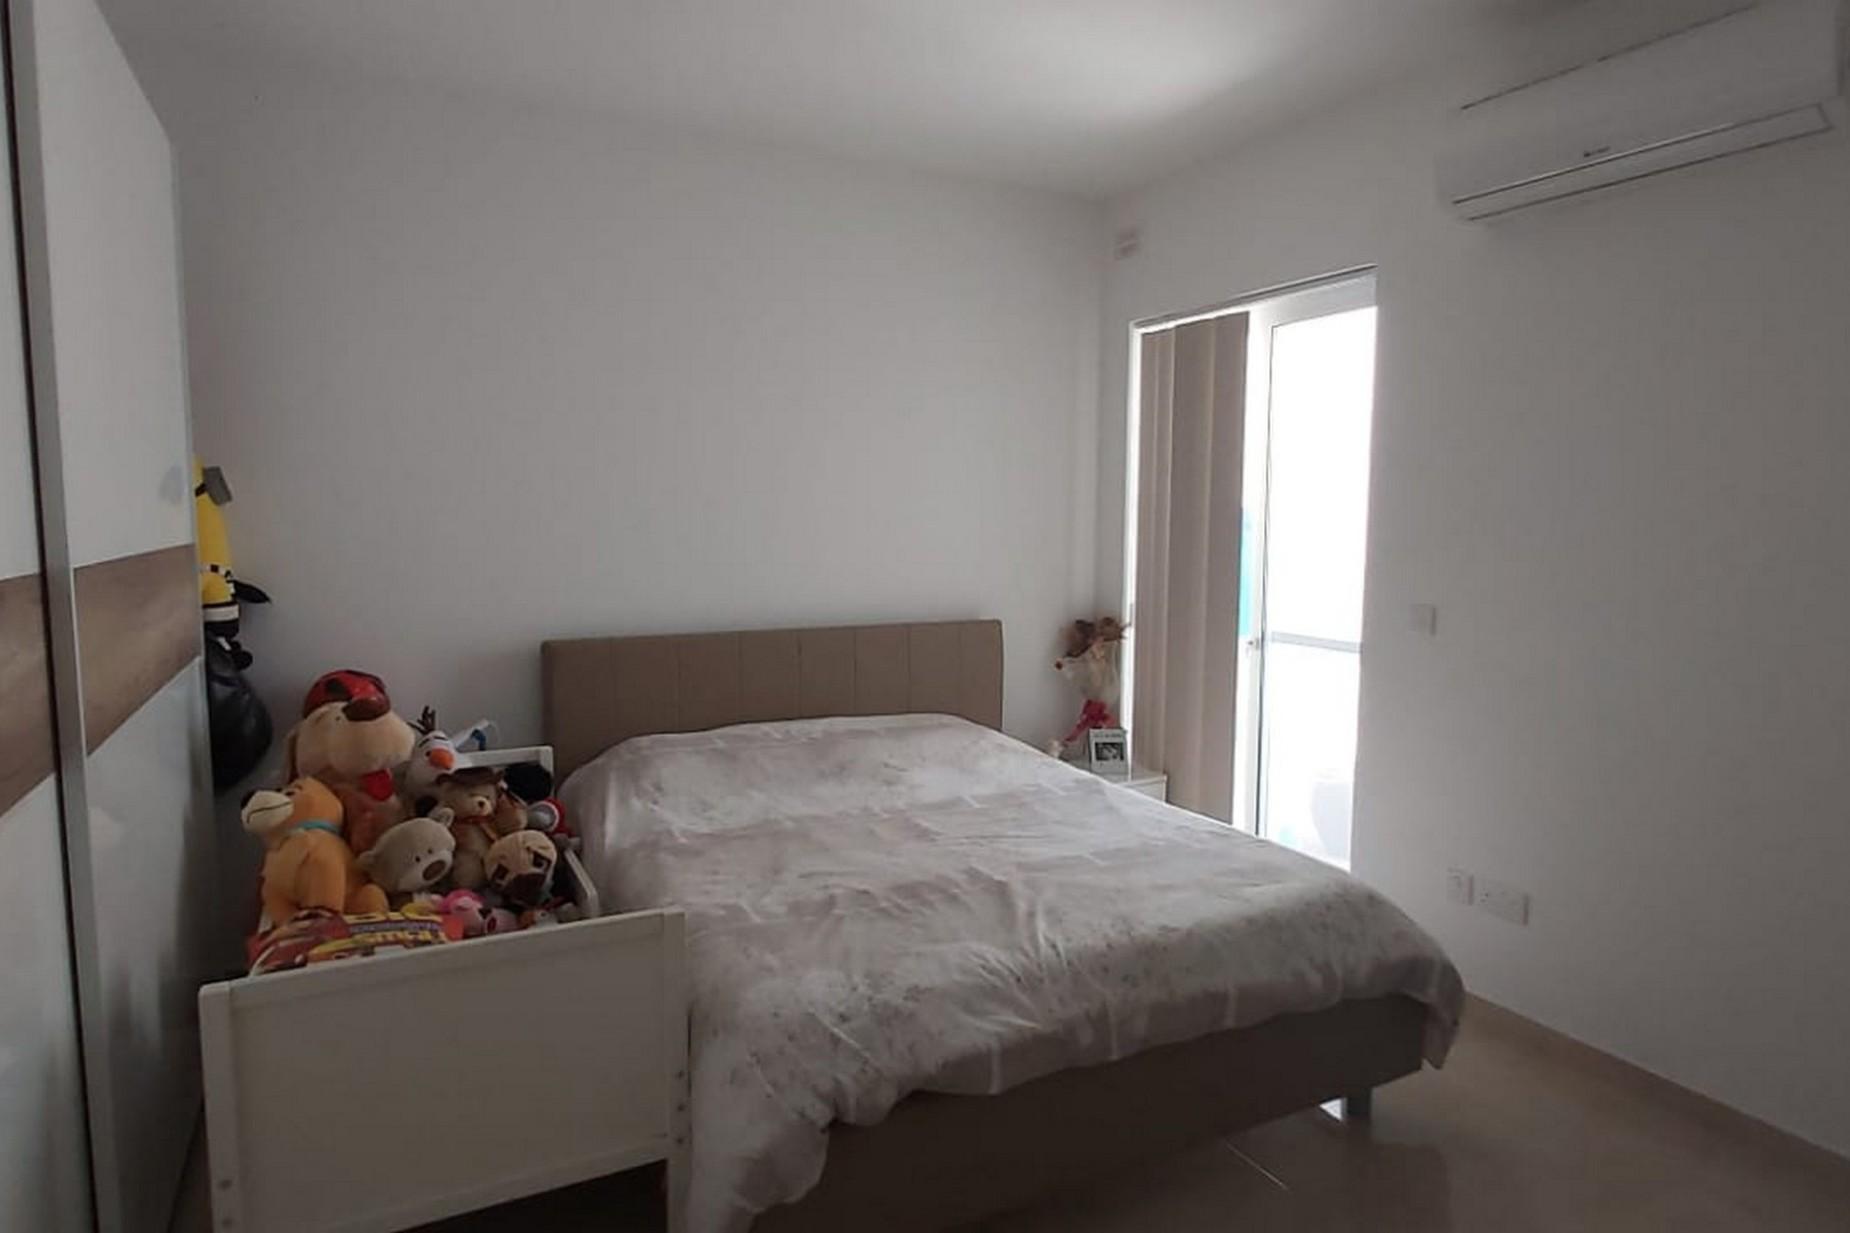 4 bed Apartment For Sale in Santa Venera, Santa Venera - thumb 9